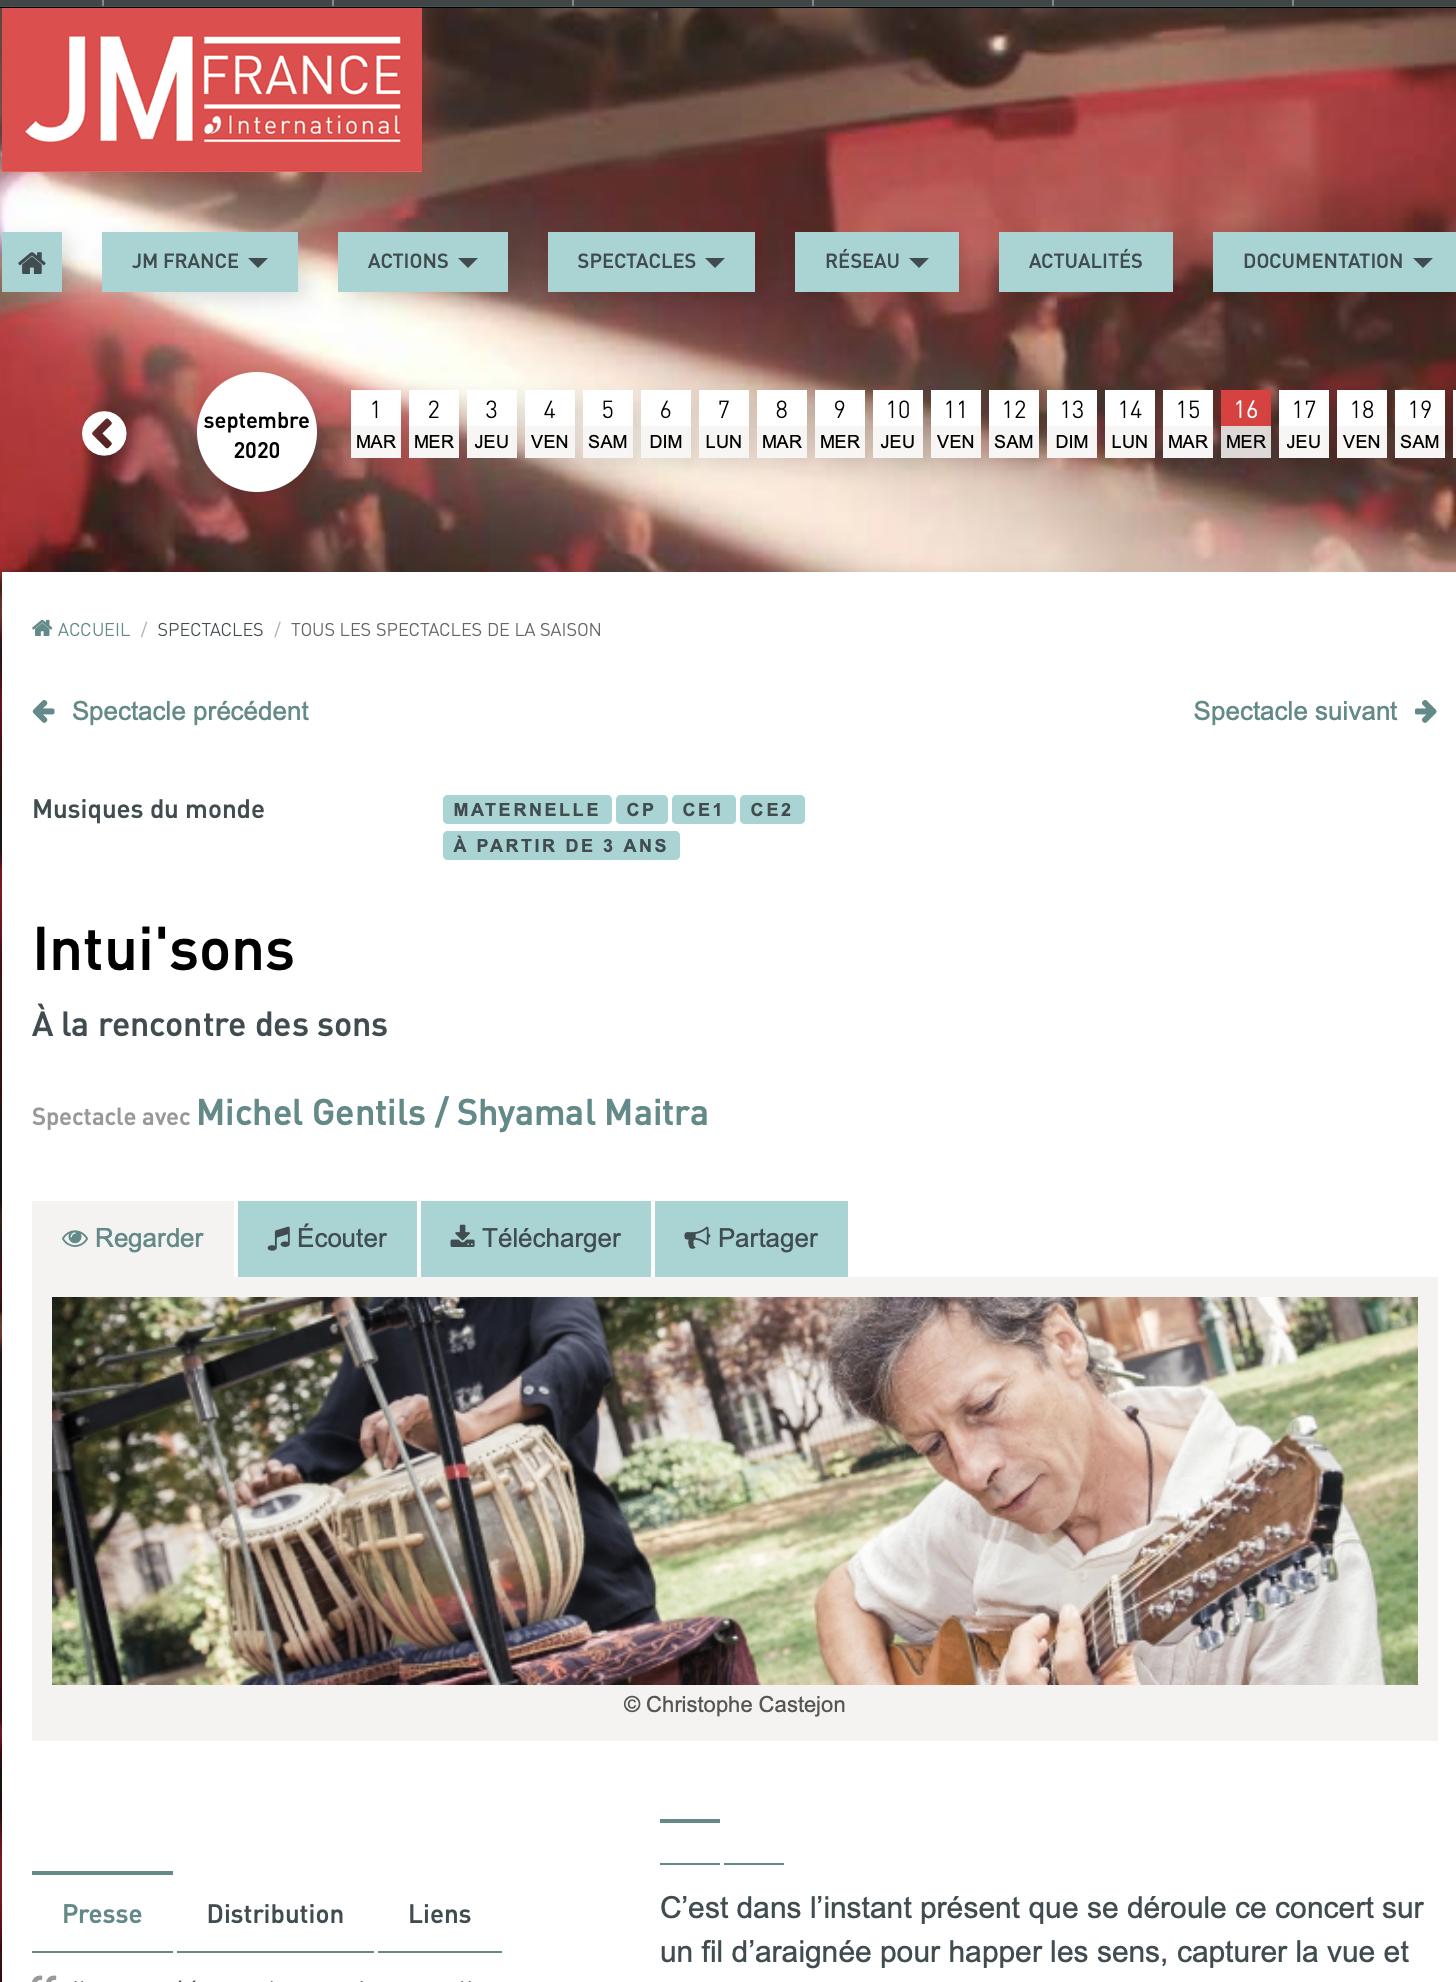 En partenariat avec les Jeunesses Musicales de France, création d'un nouveau spectacle en duo avec S